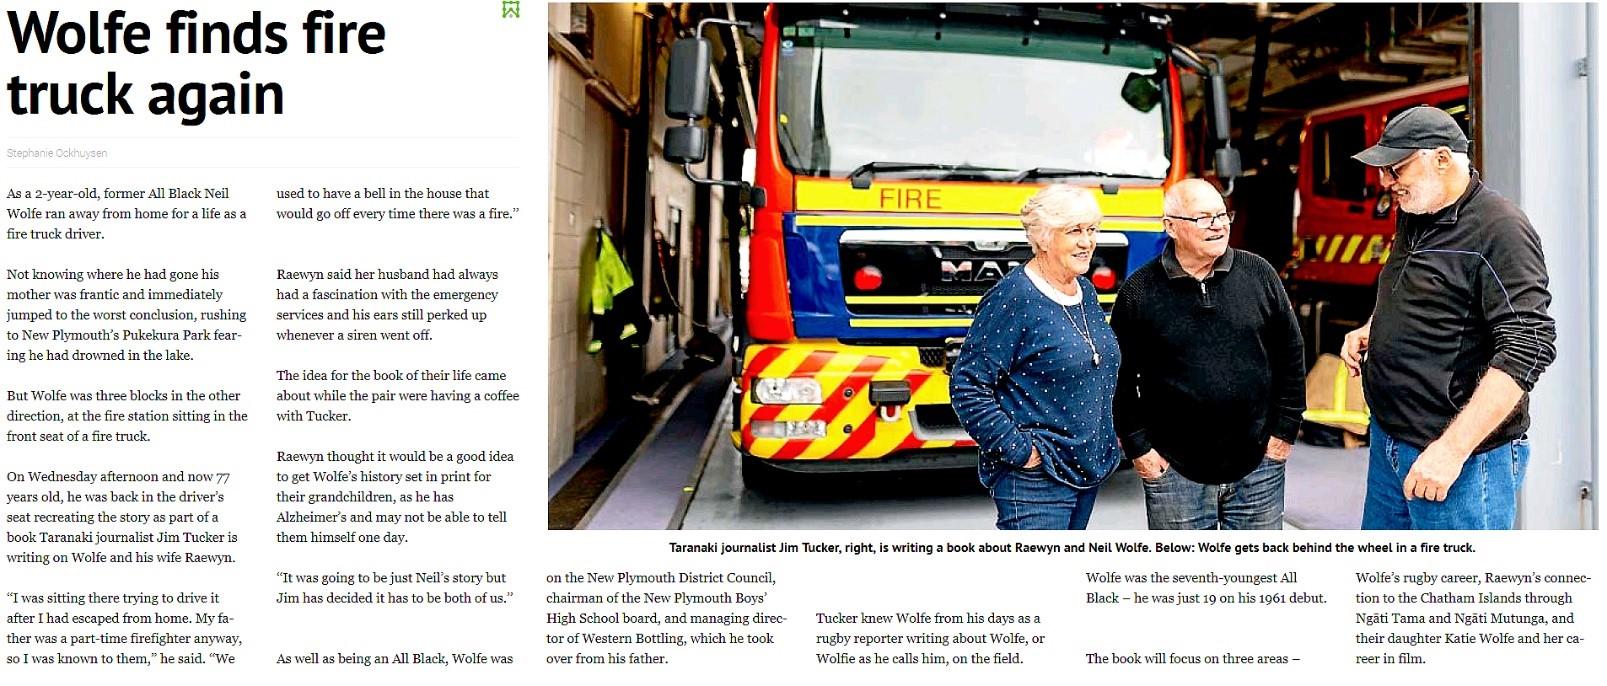 Wolfie fire engine